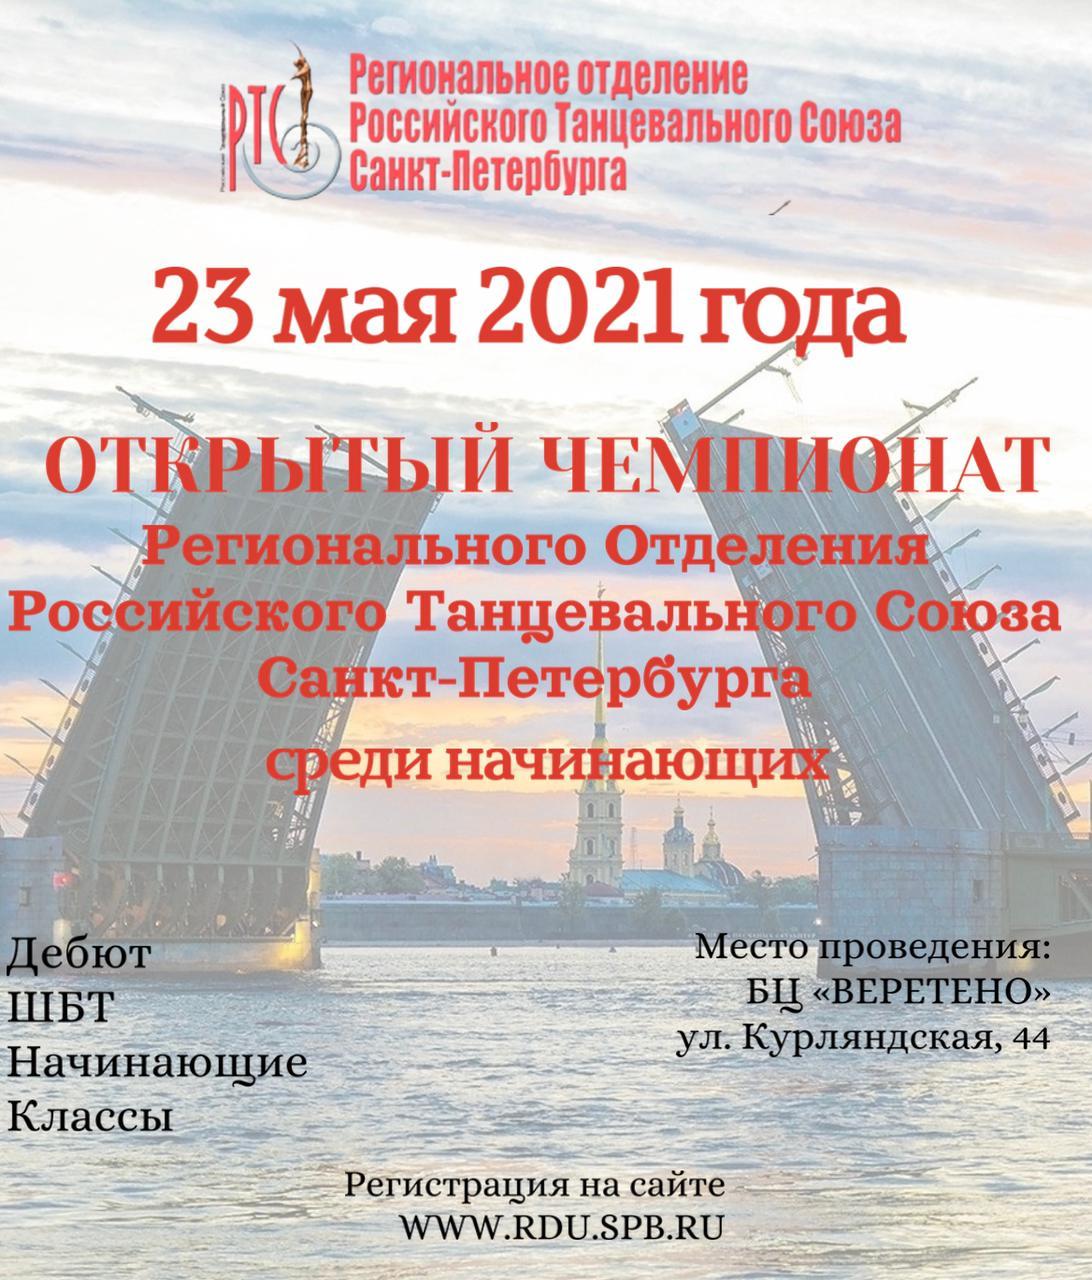 23 мая 2021 года Открытый чемпионат РО РТС СПб